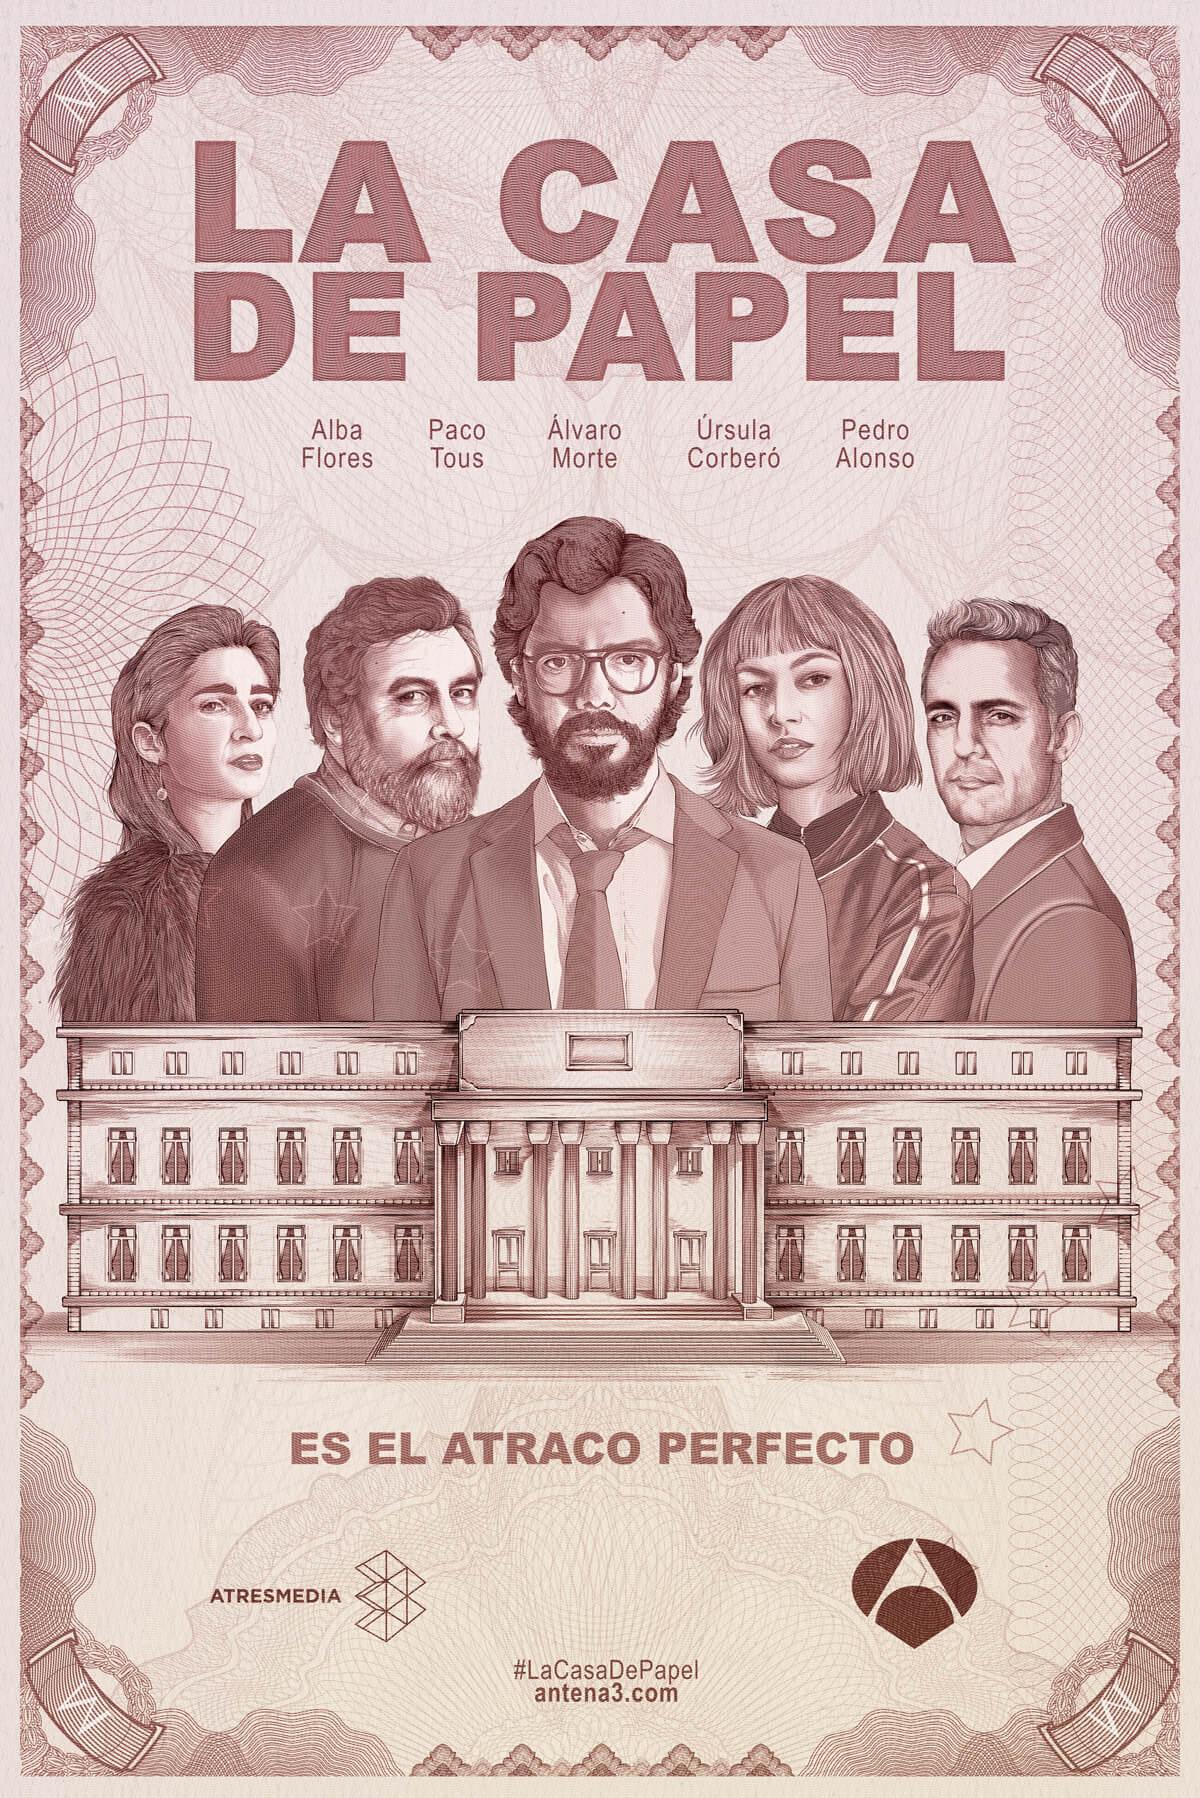 La casa de papel 1 temporada mediavida - La casa de papel temporada 2 capitulo 1 ...